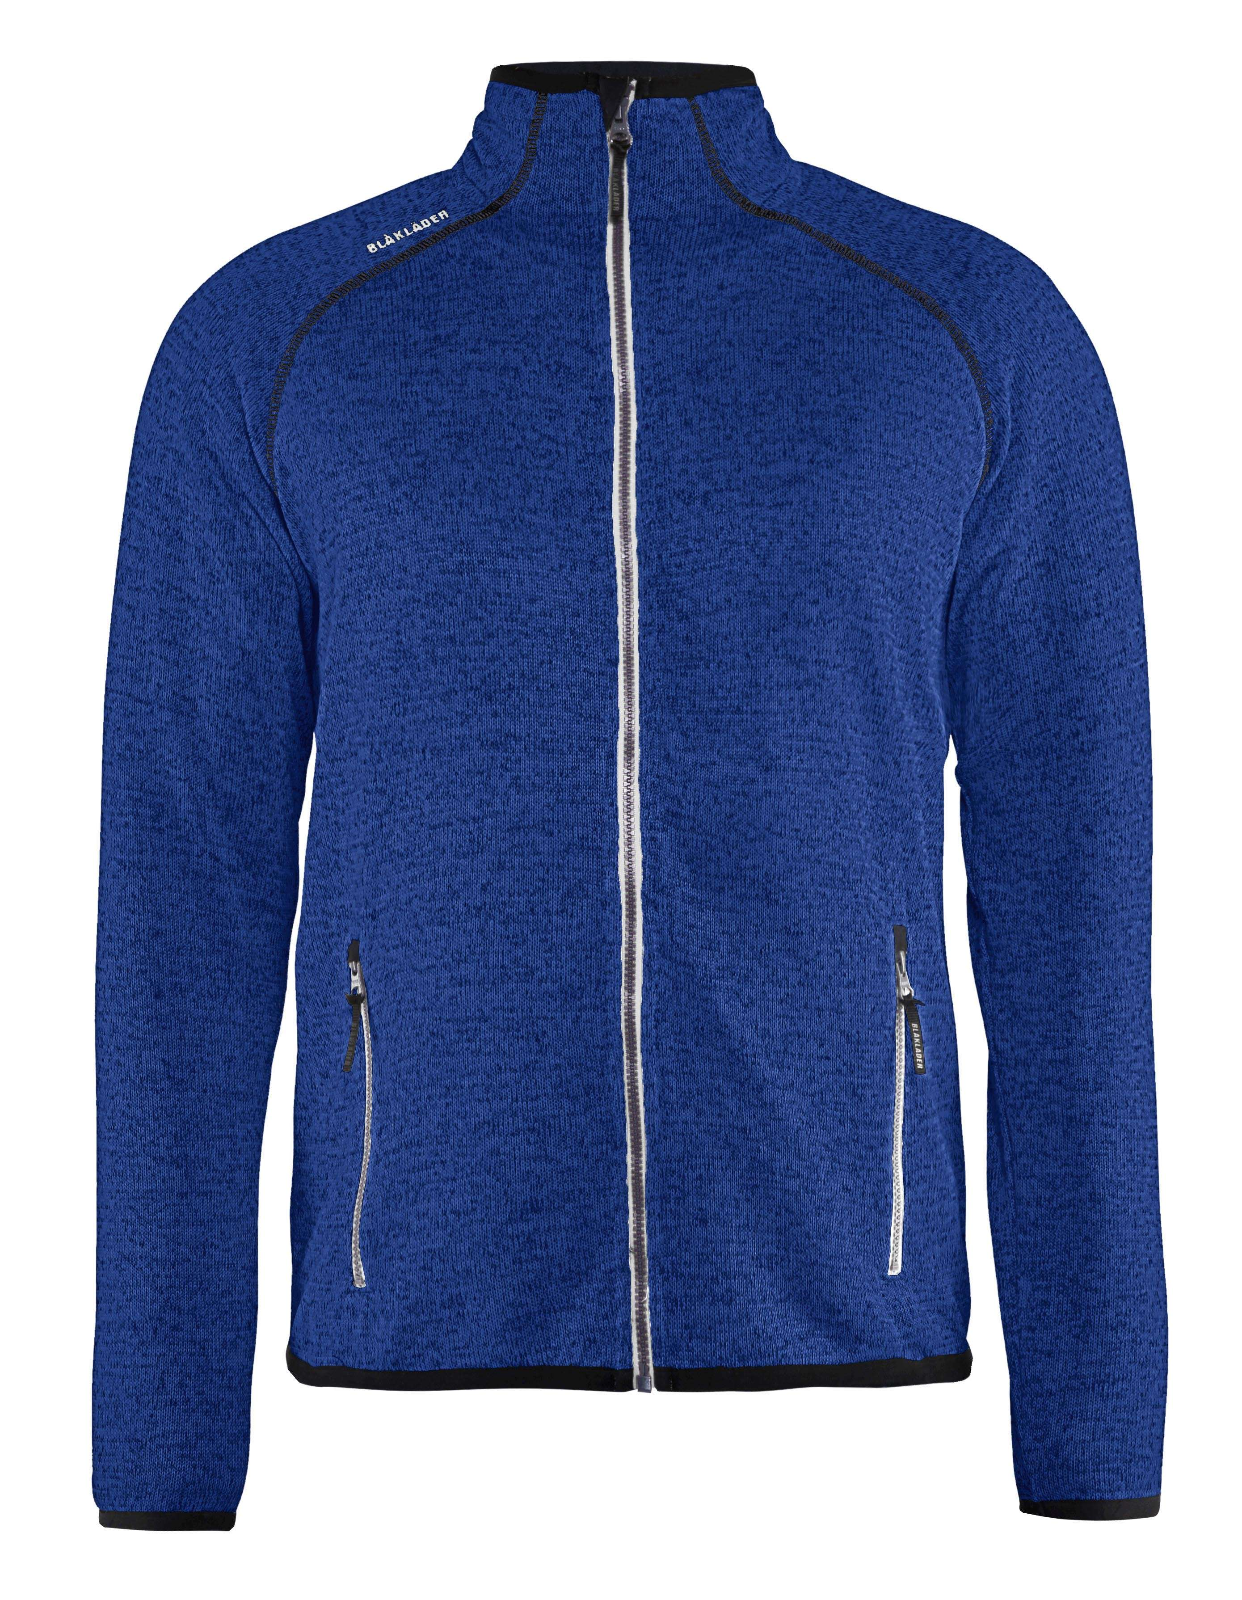 Blaklader Gebreide vesten 49422117 korenblauw-wit(8510)